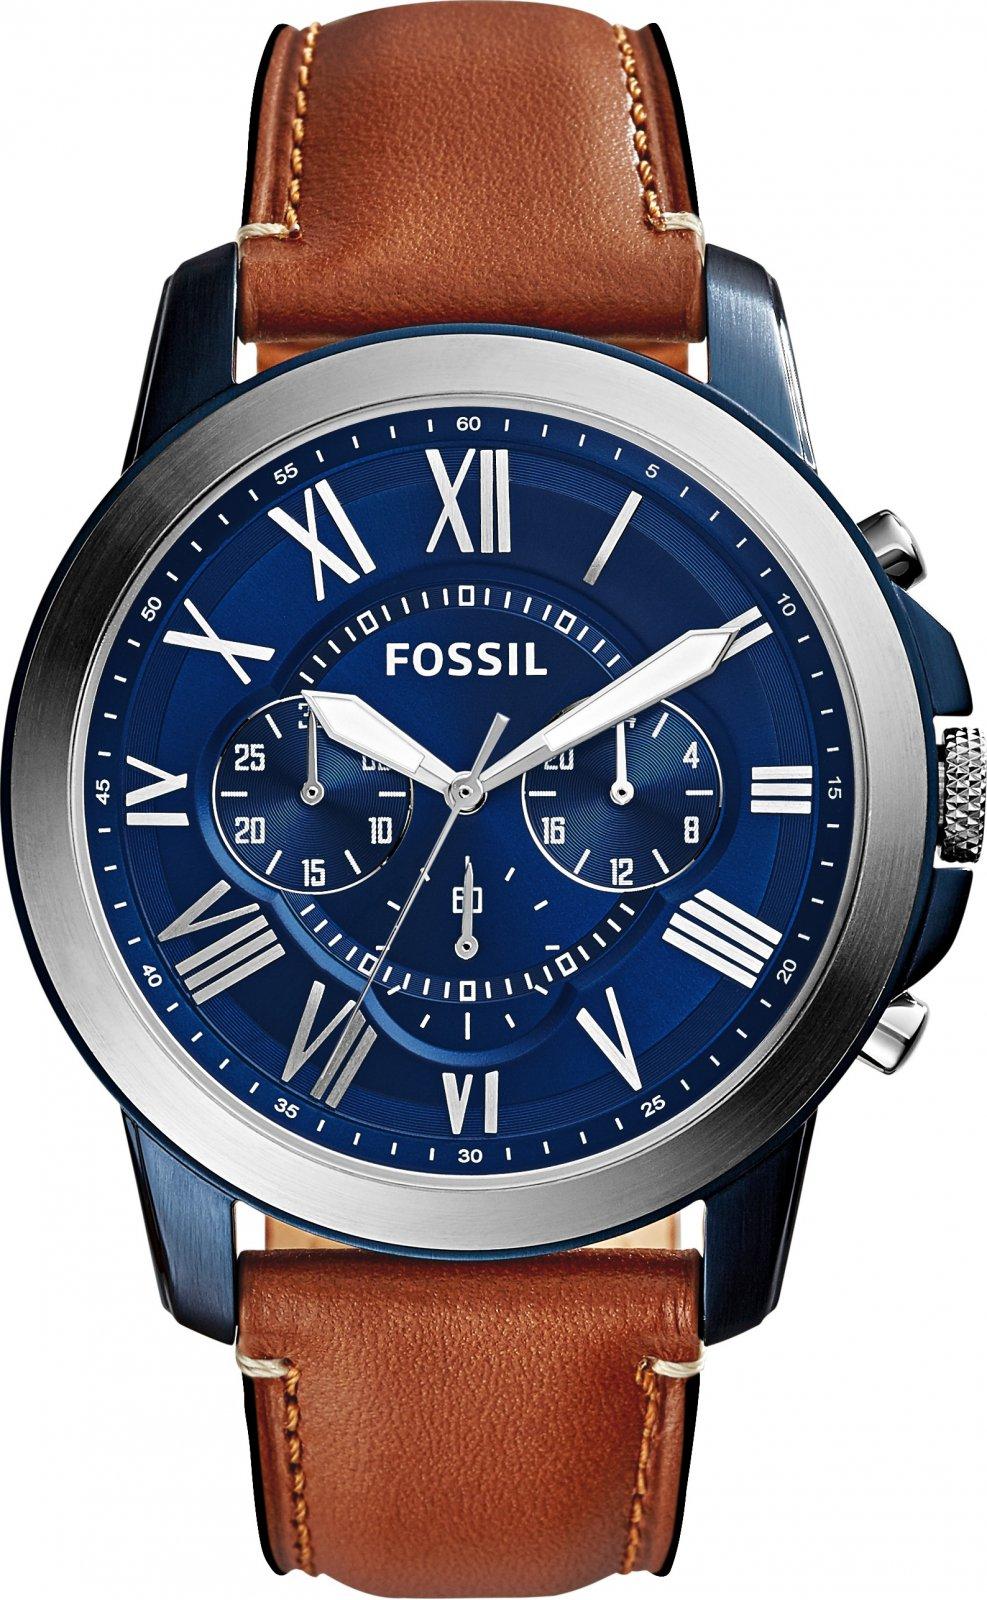 Fossil FS5151 od 2 450 Kč • Zboží.cz 73b5b85e31f